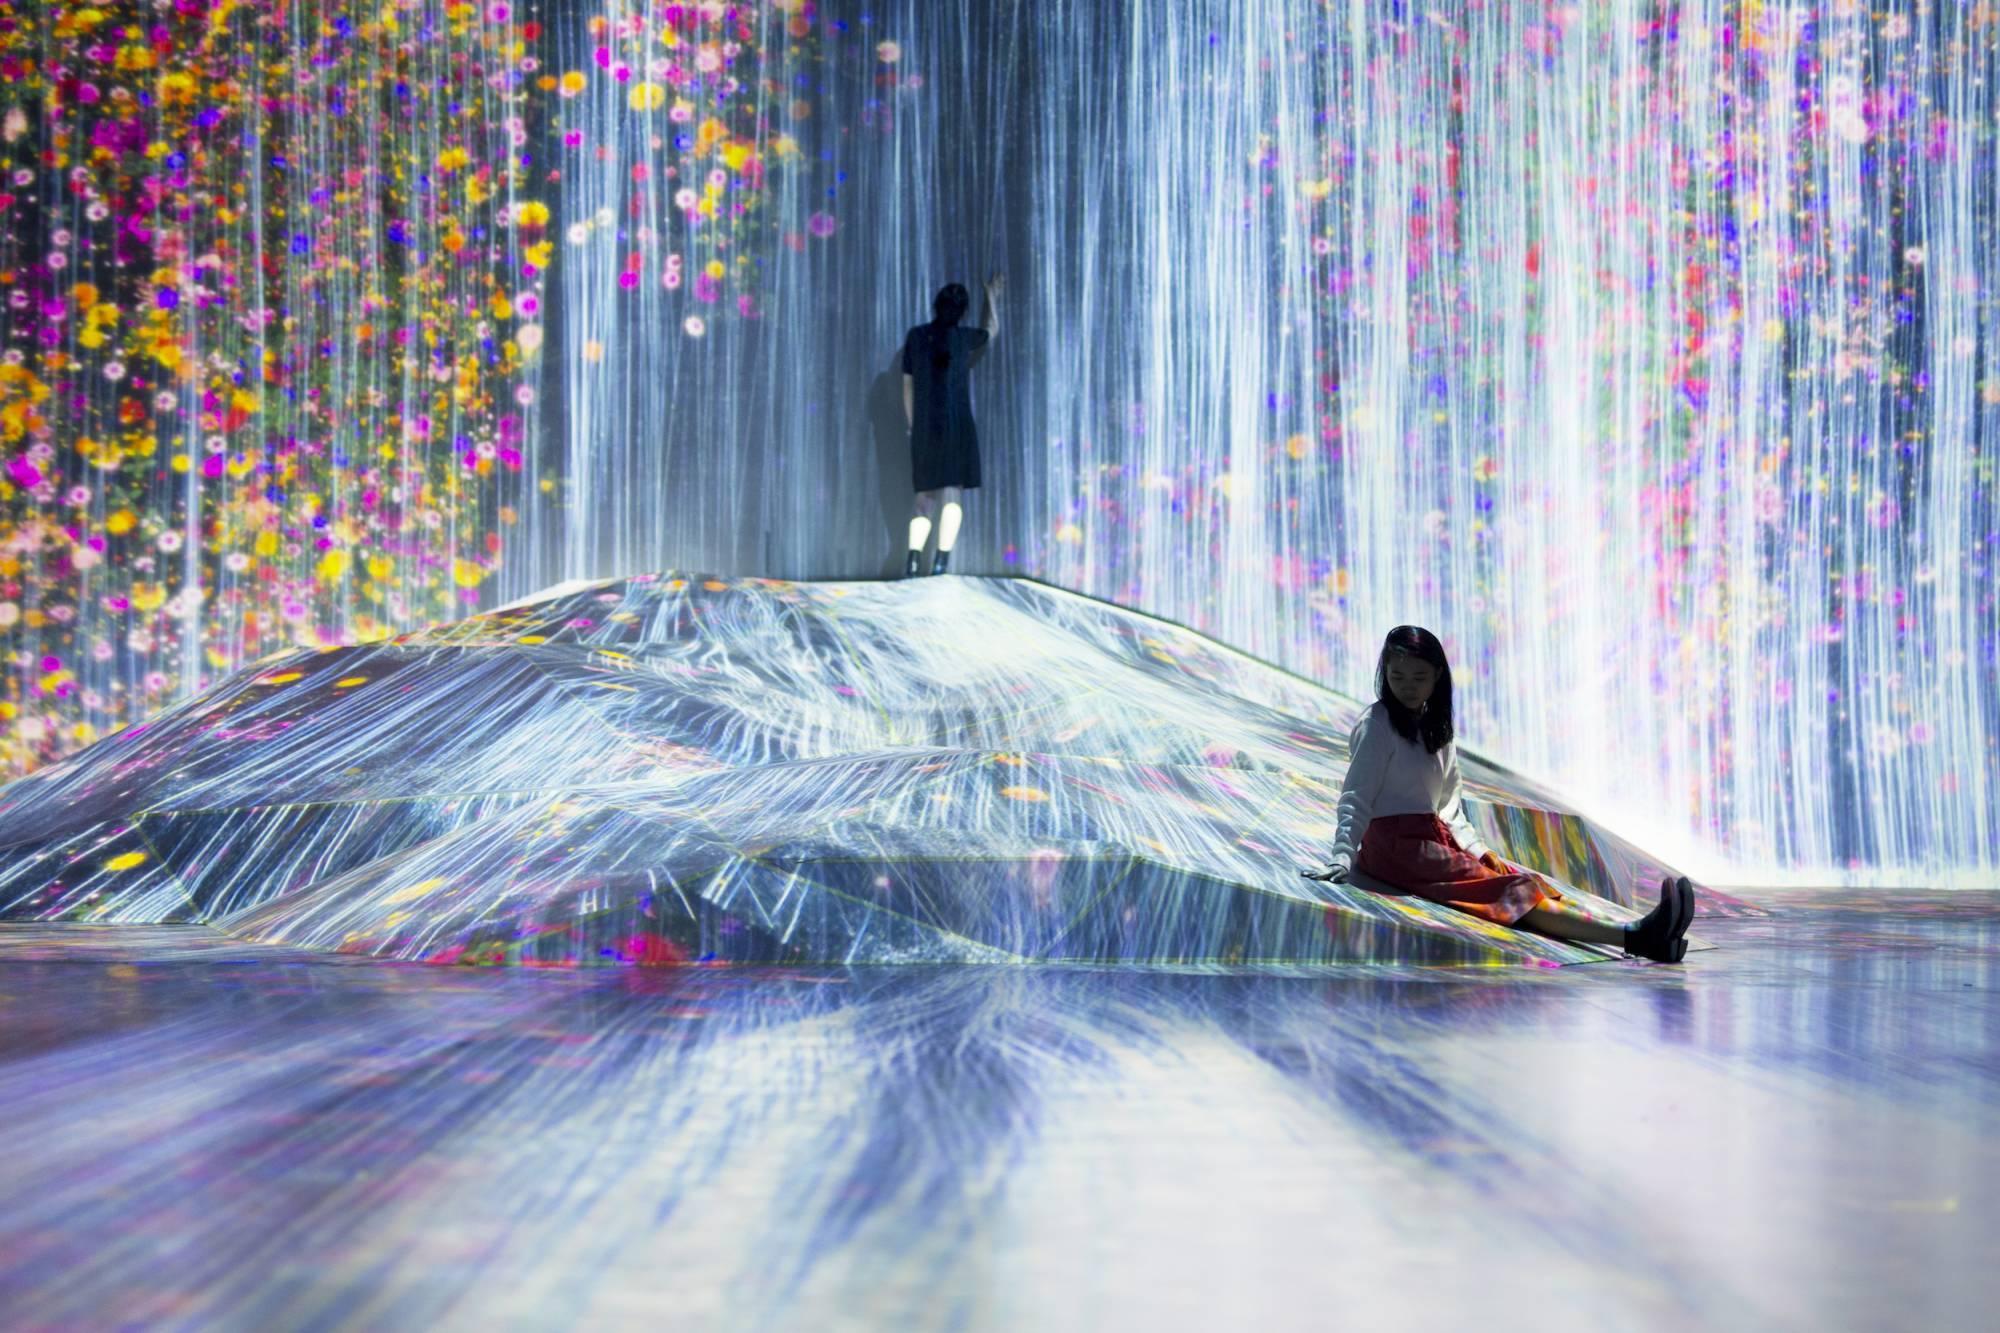 Токио Другая реальность: первый в мире Музей цифровых искусств в Токио 14393